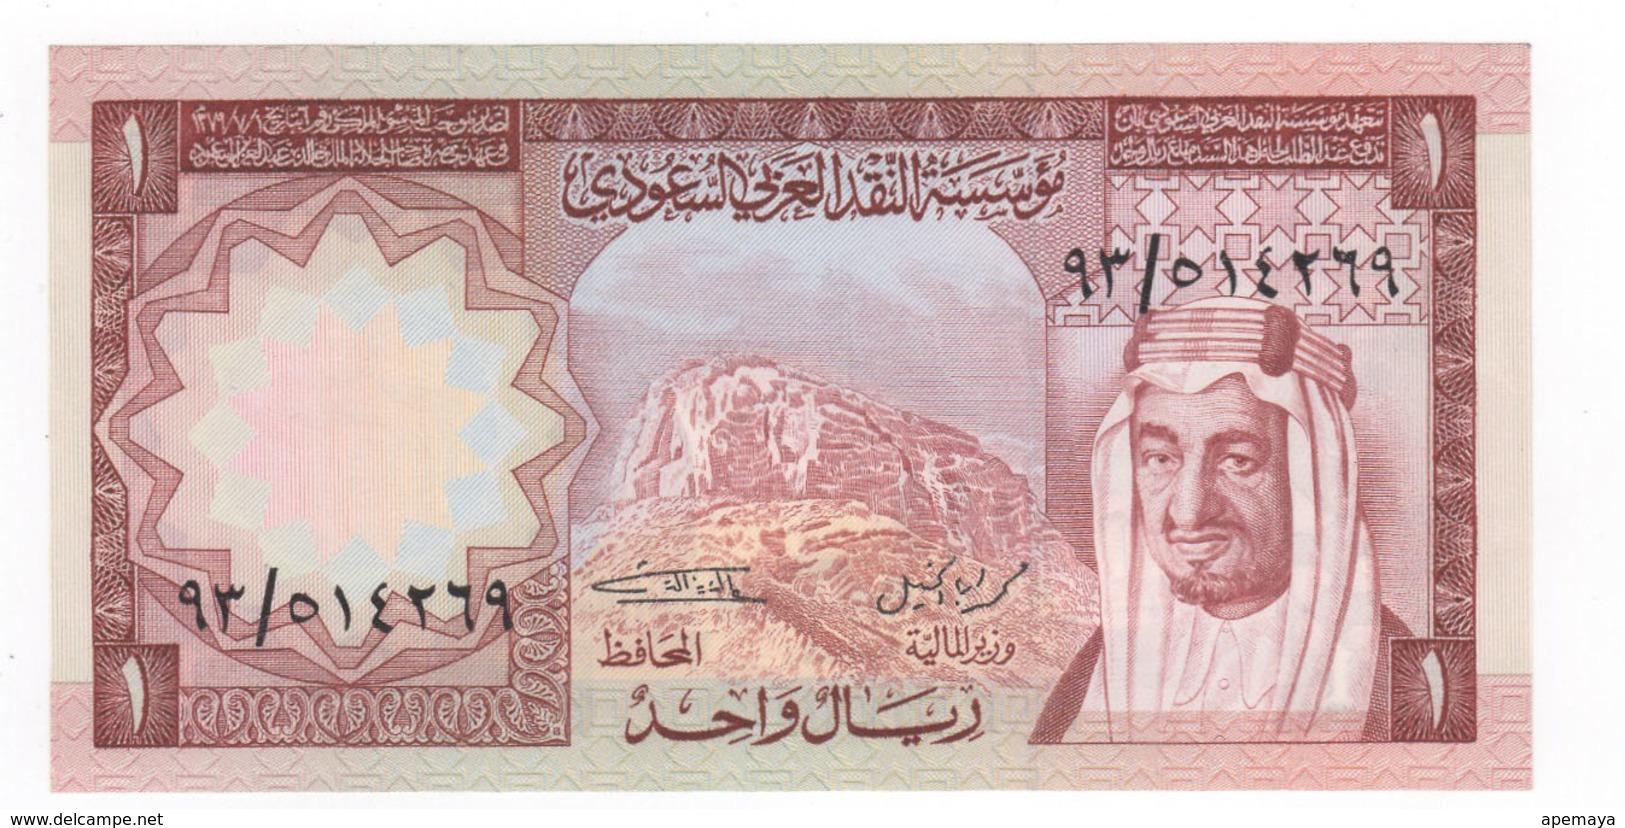 Saudi Arabian Monetary Agency. 1 Riyal UNC. - Arabie Saoudite